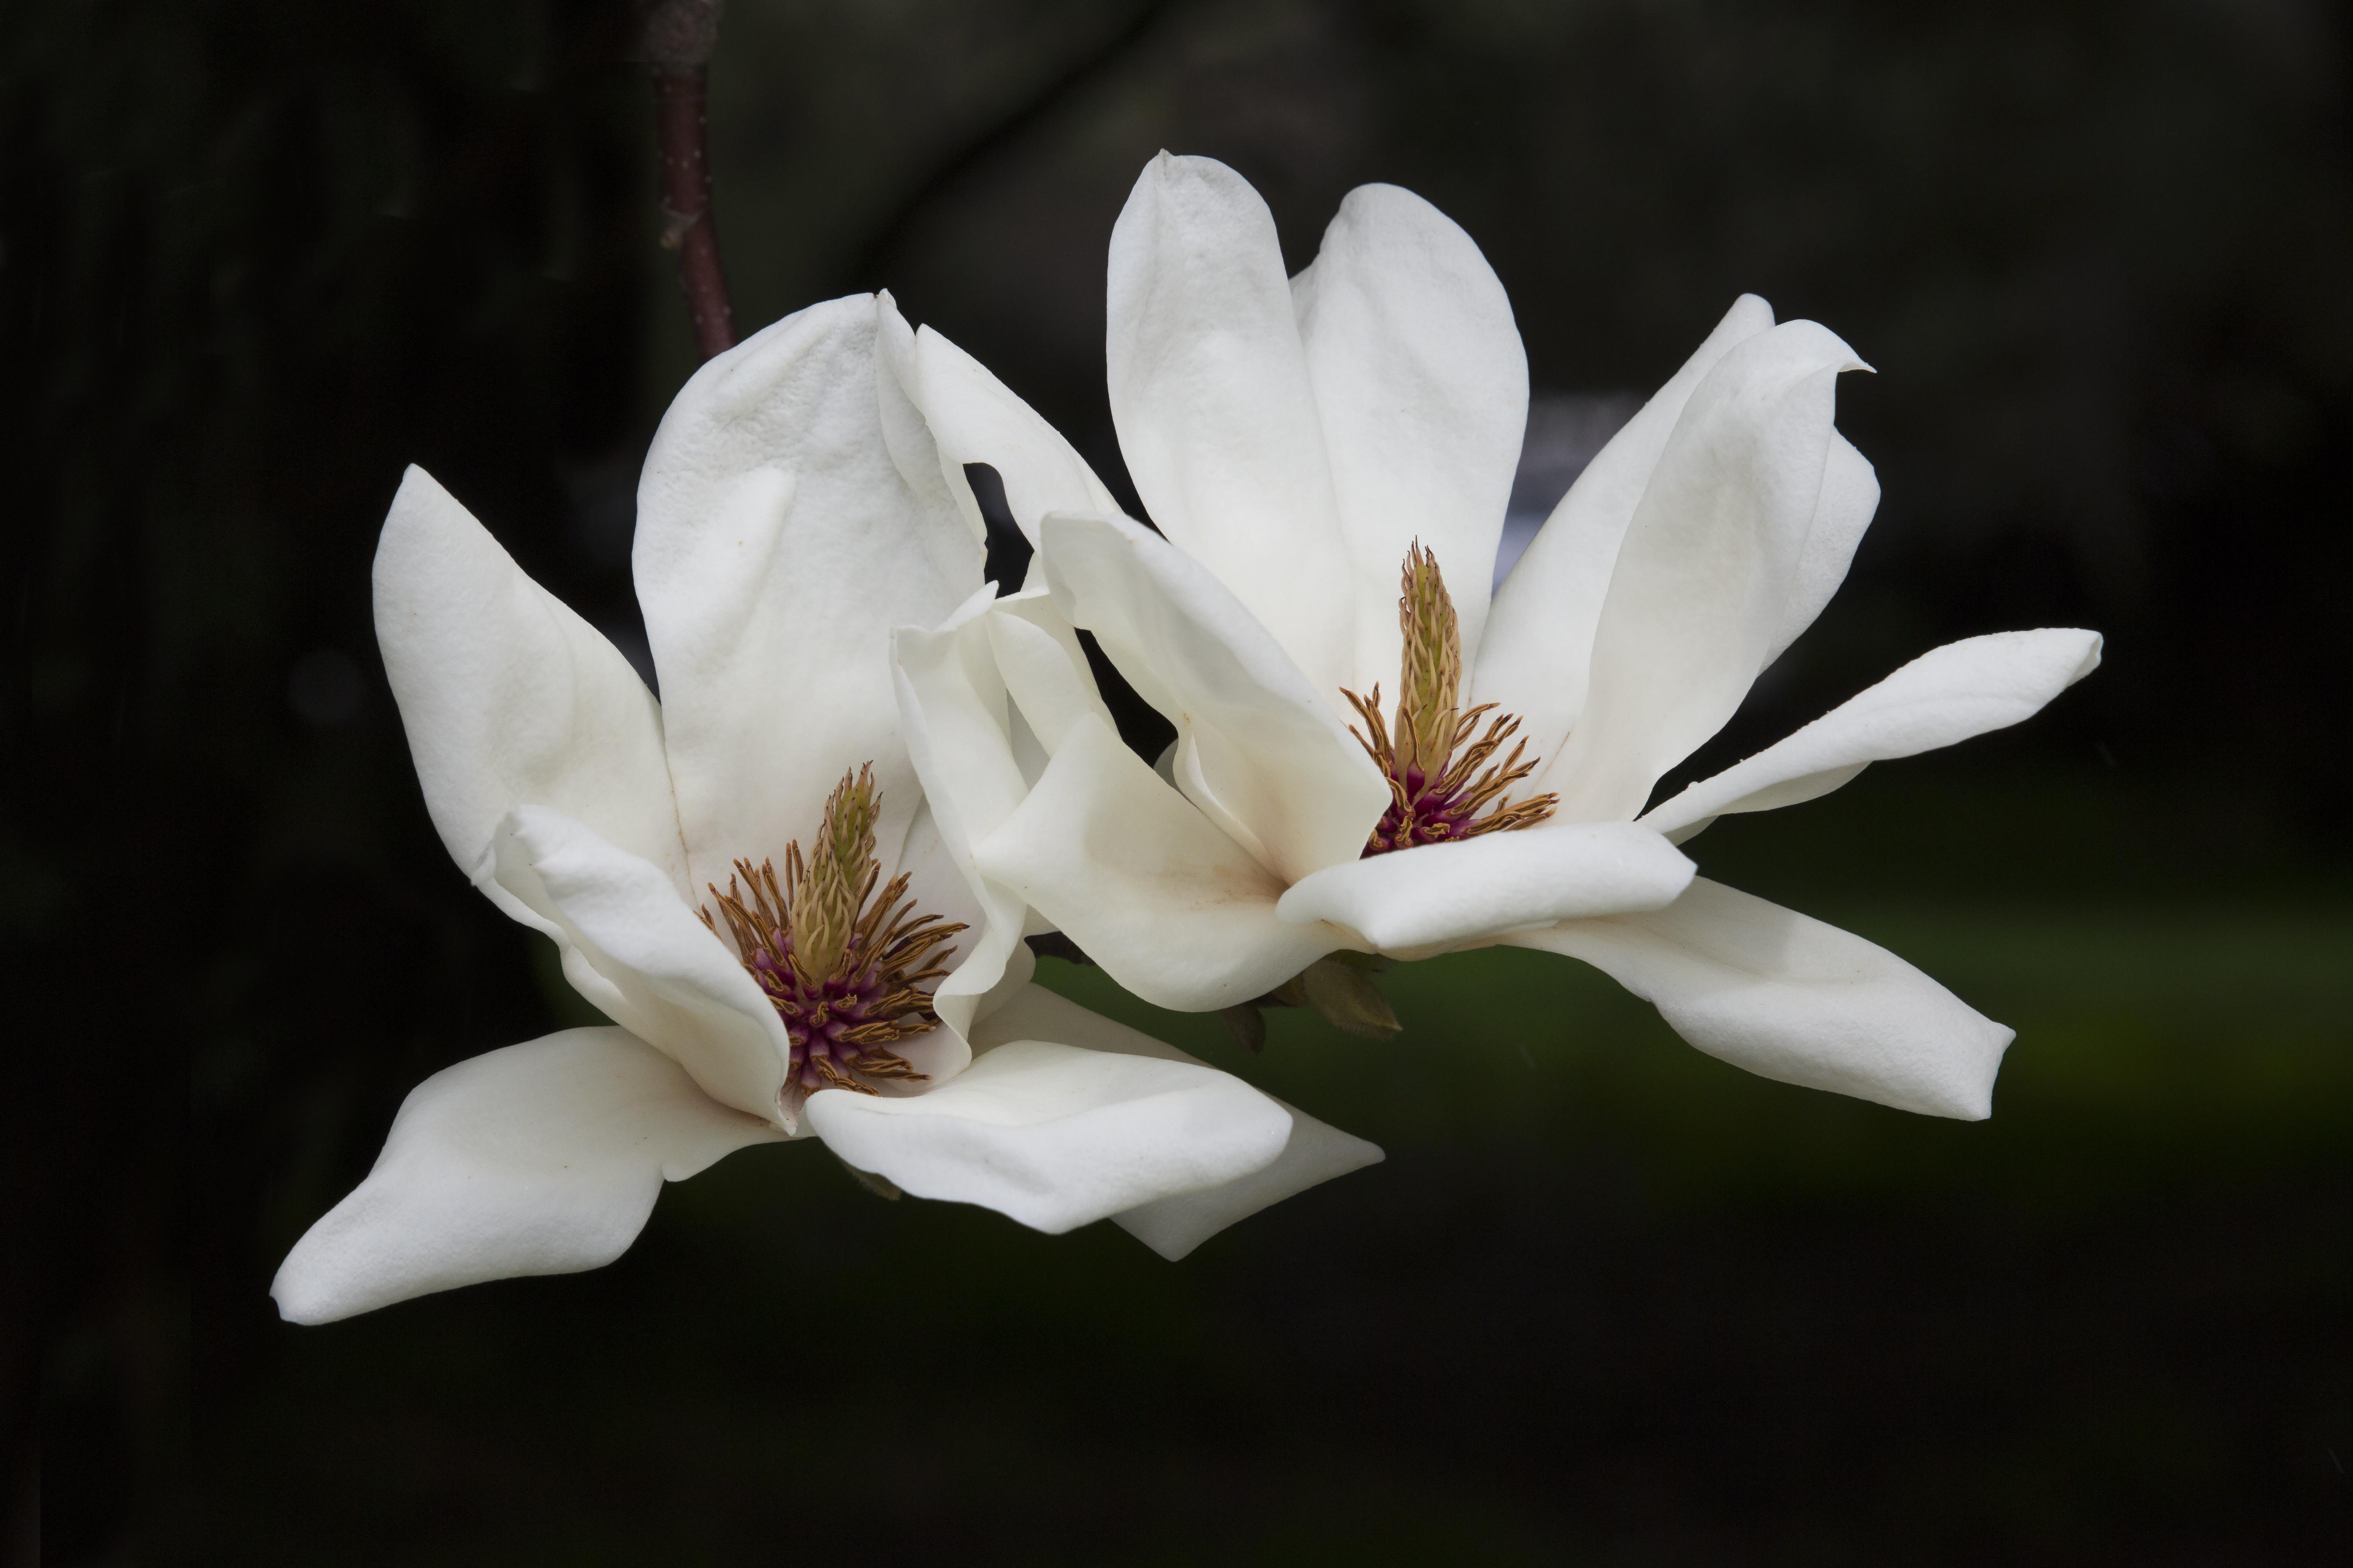 White Magnolia Flower Pair Naturetime